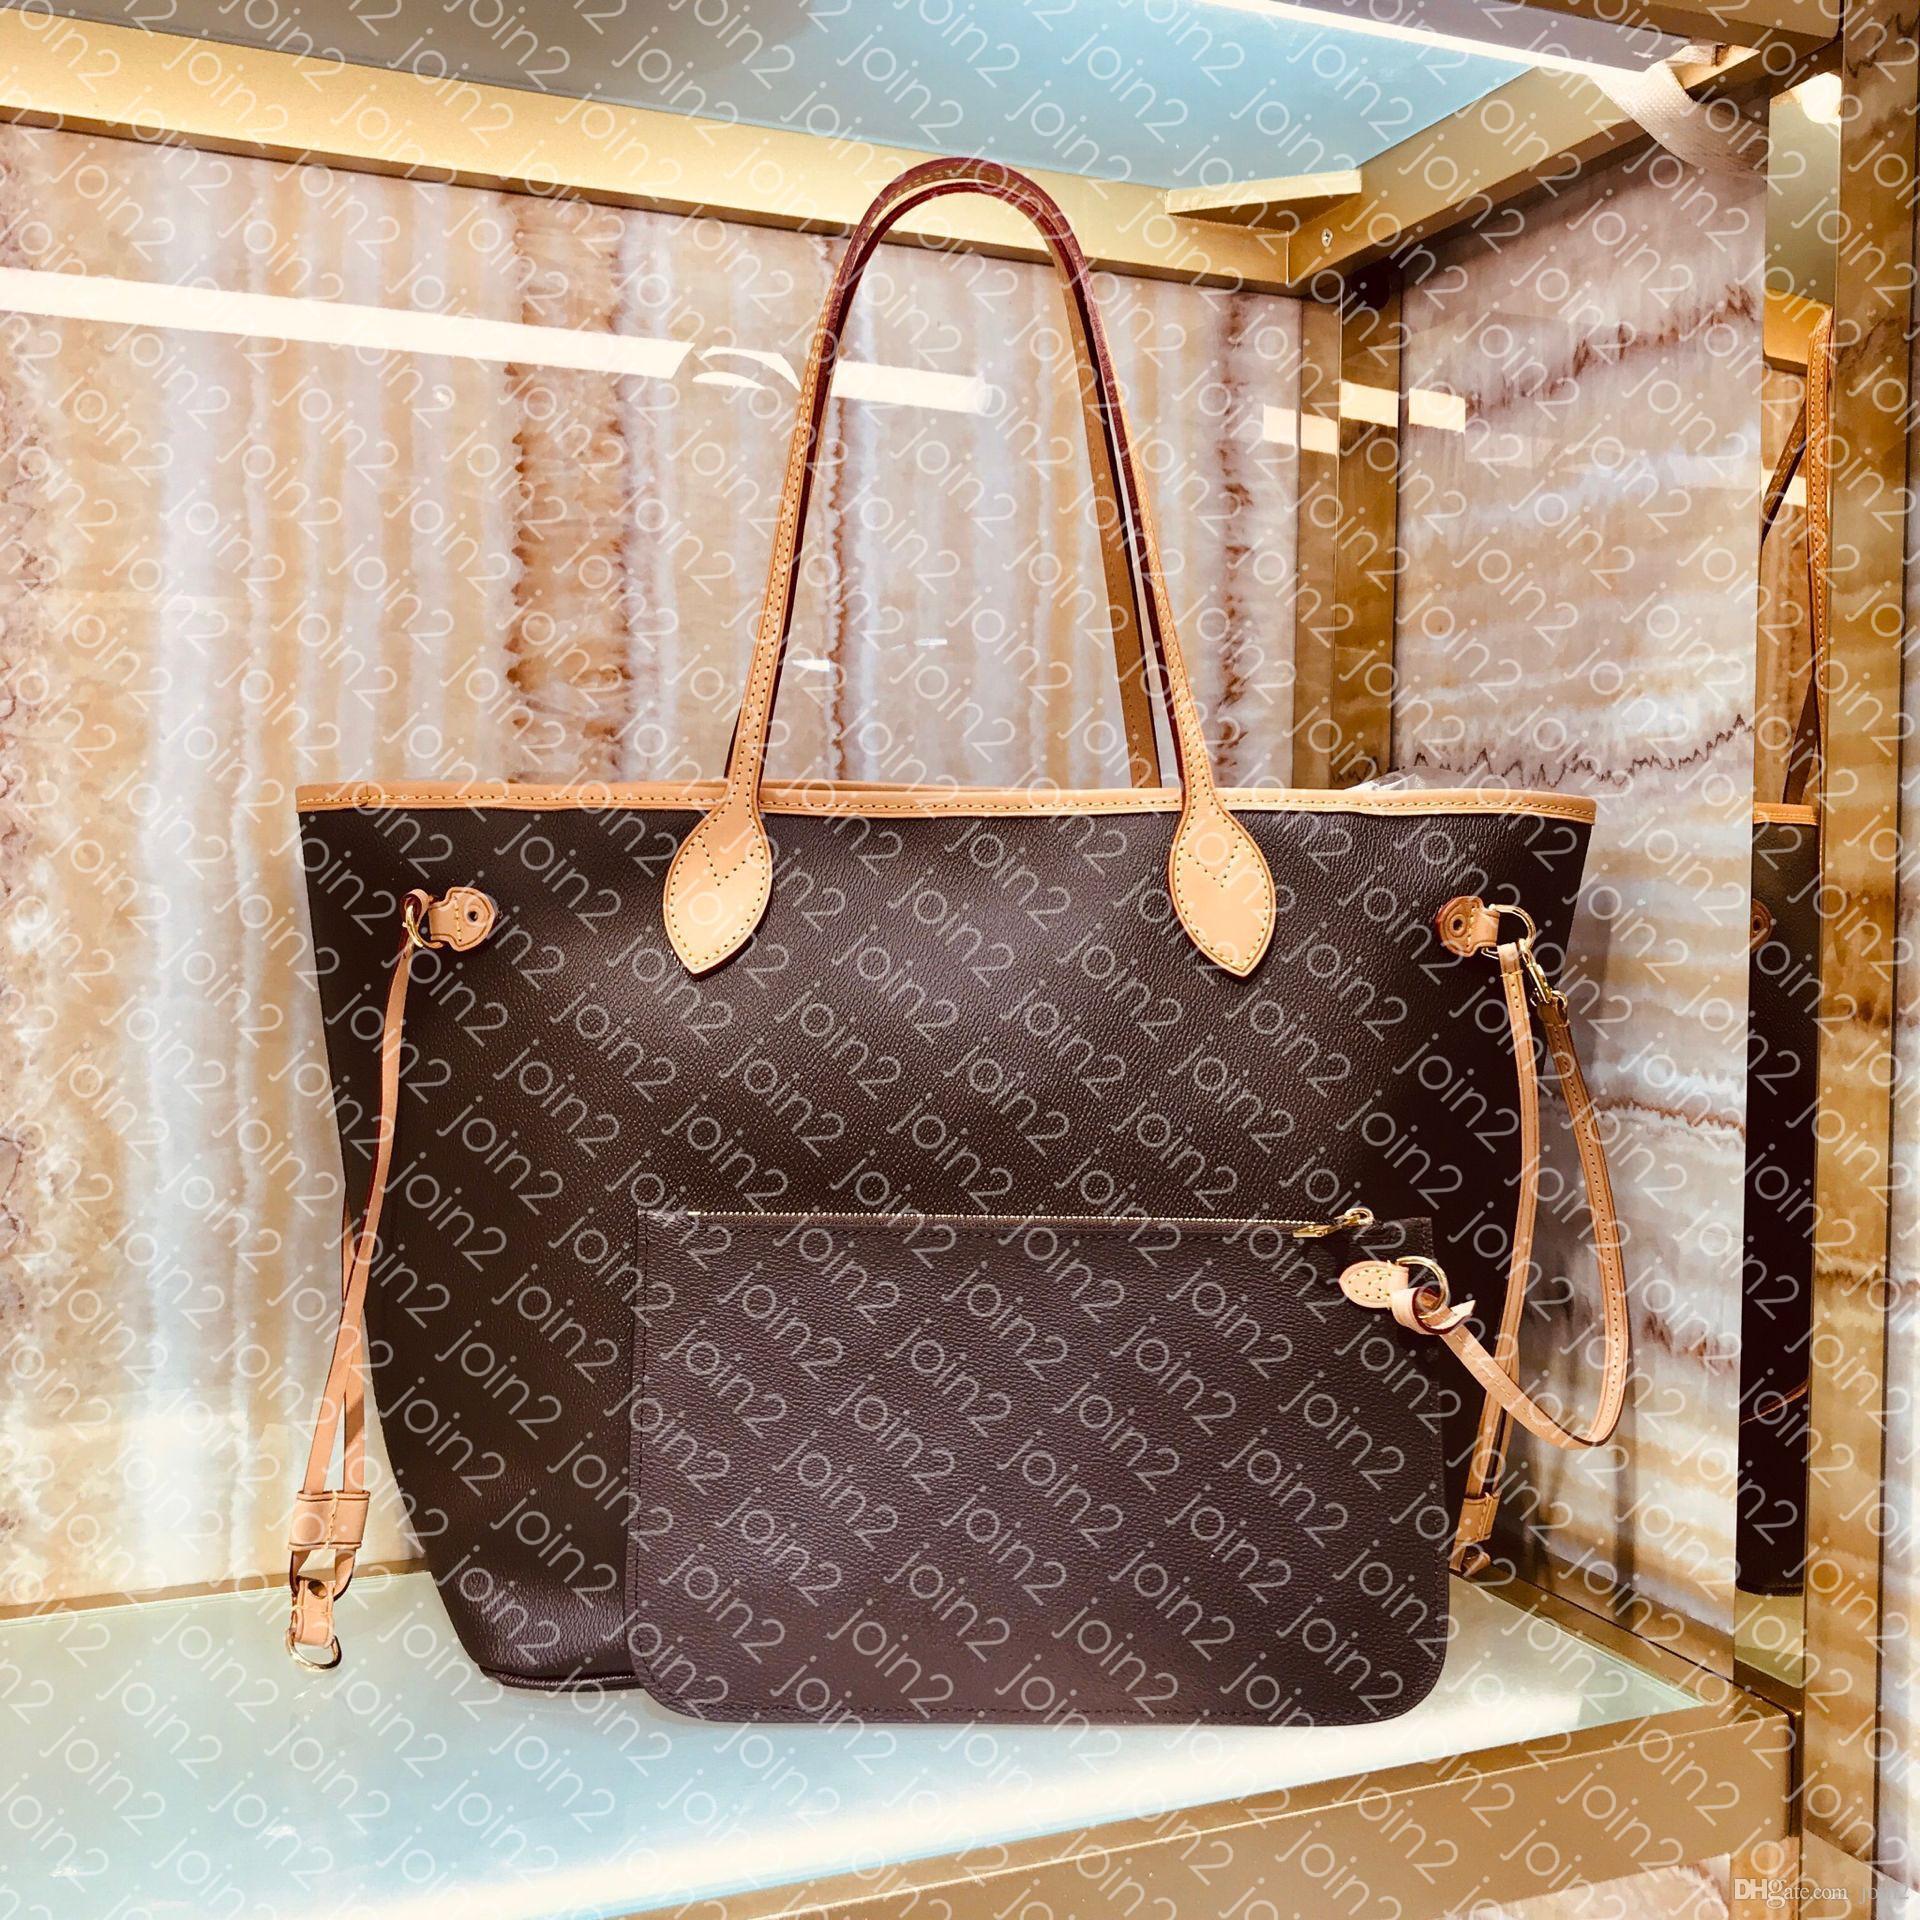 M40990 NF MM GM Designer Fashion Famous Shopping Common Shopping Casual Bag Bag Spiaggia all'aperto Borsa a tracolla Borsa a tracolla Custodia frizione Genuine Canvas Pingh